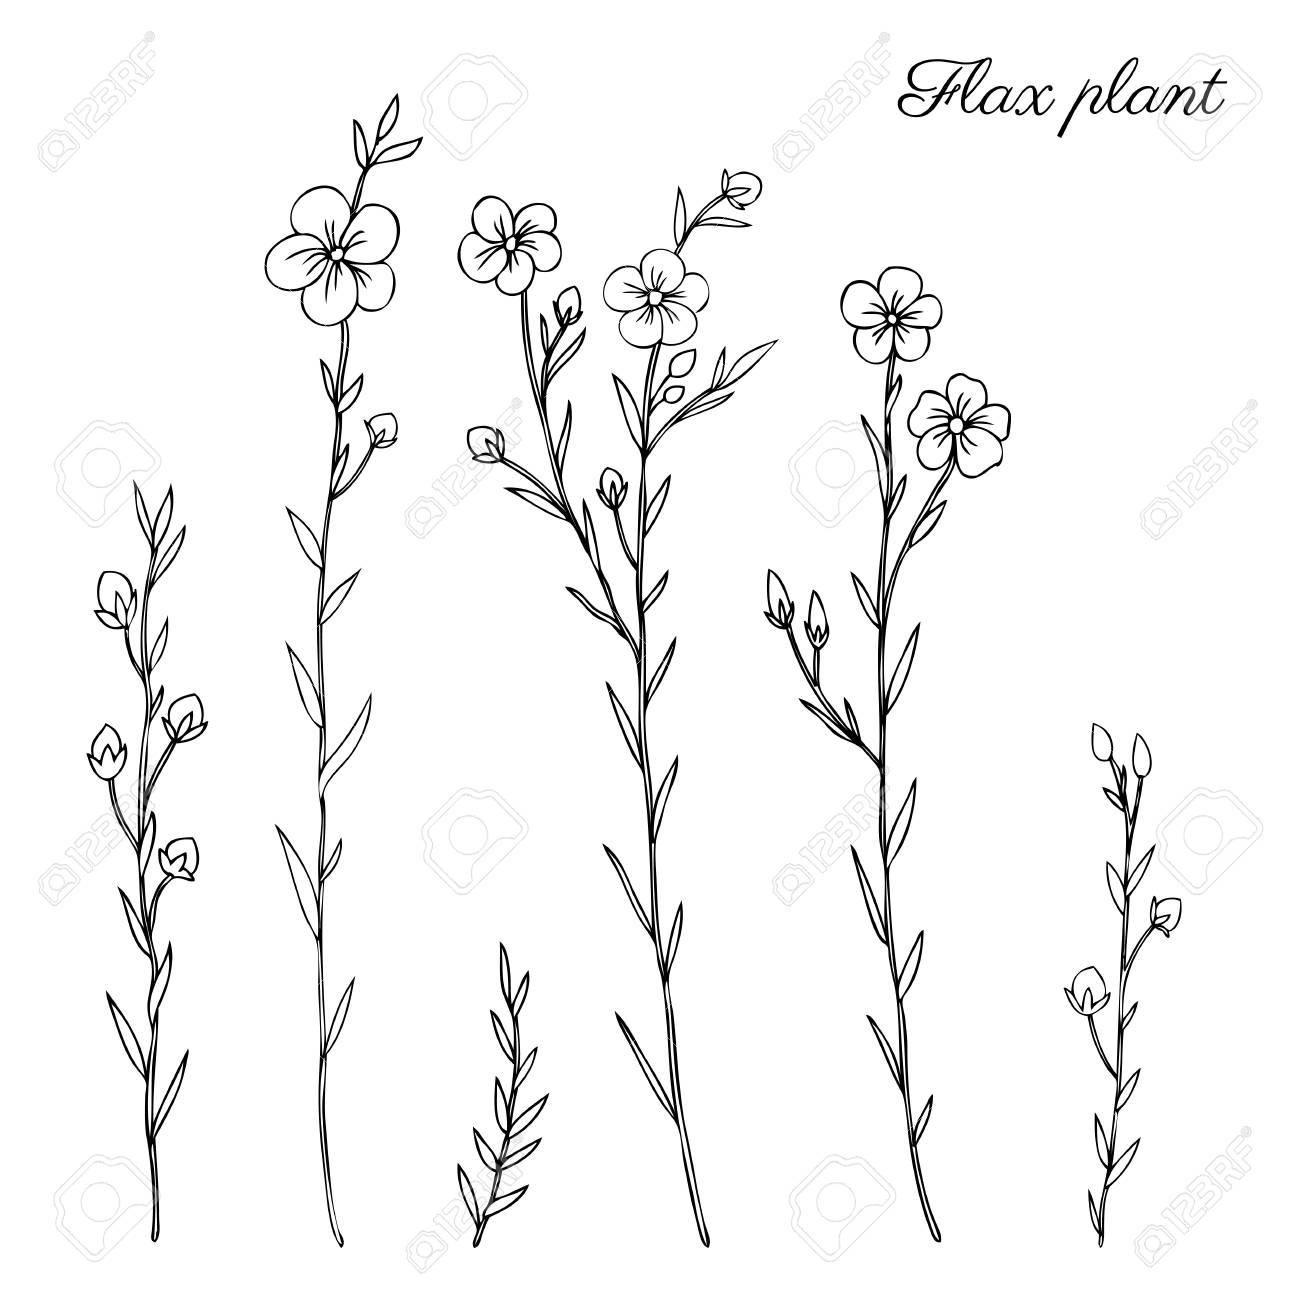 Plante De Lin, Fleur De Champ Sauvage Isolé Sur Blanc, Botanique  Illustration De Croquis Dessinés à La Main Vector Illustration De Doodle,  Dessin Au Trait